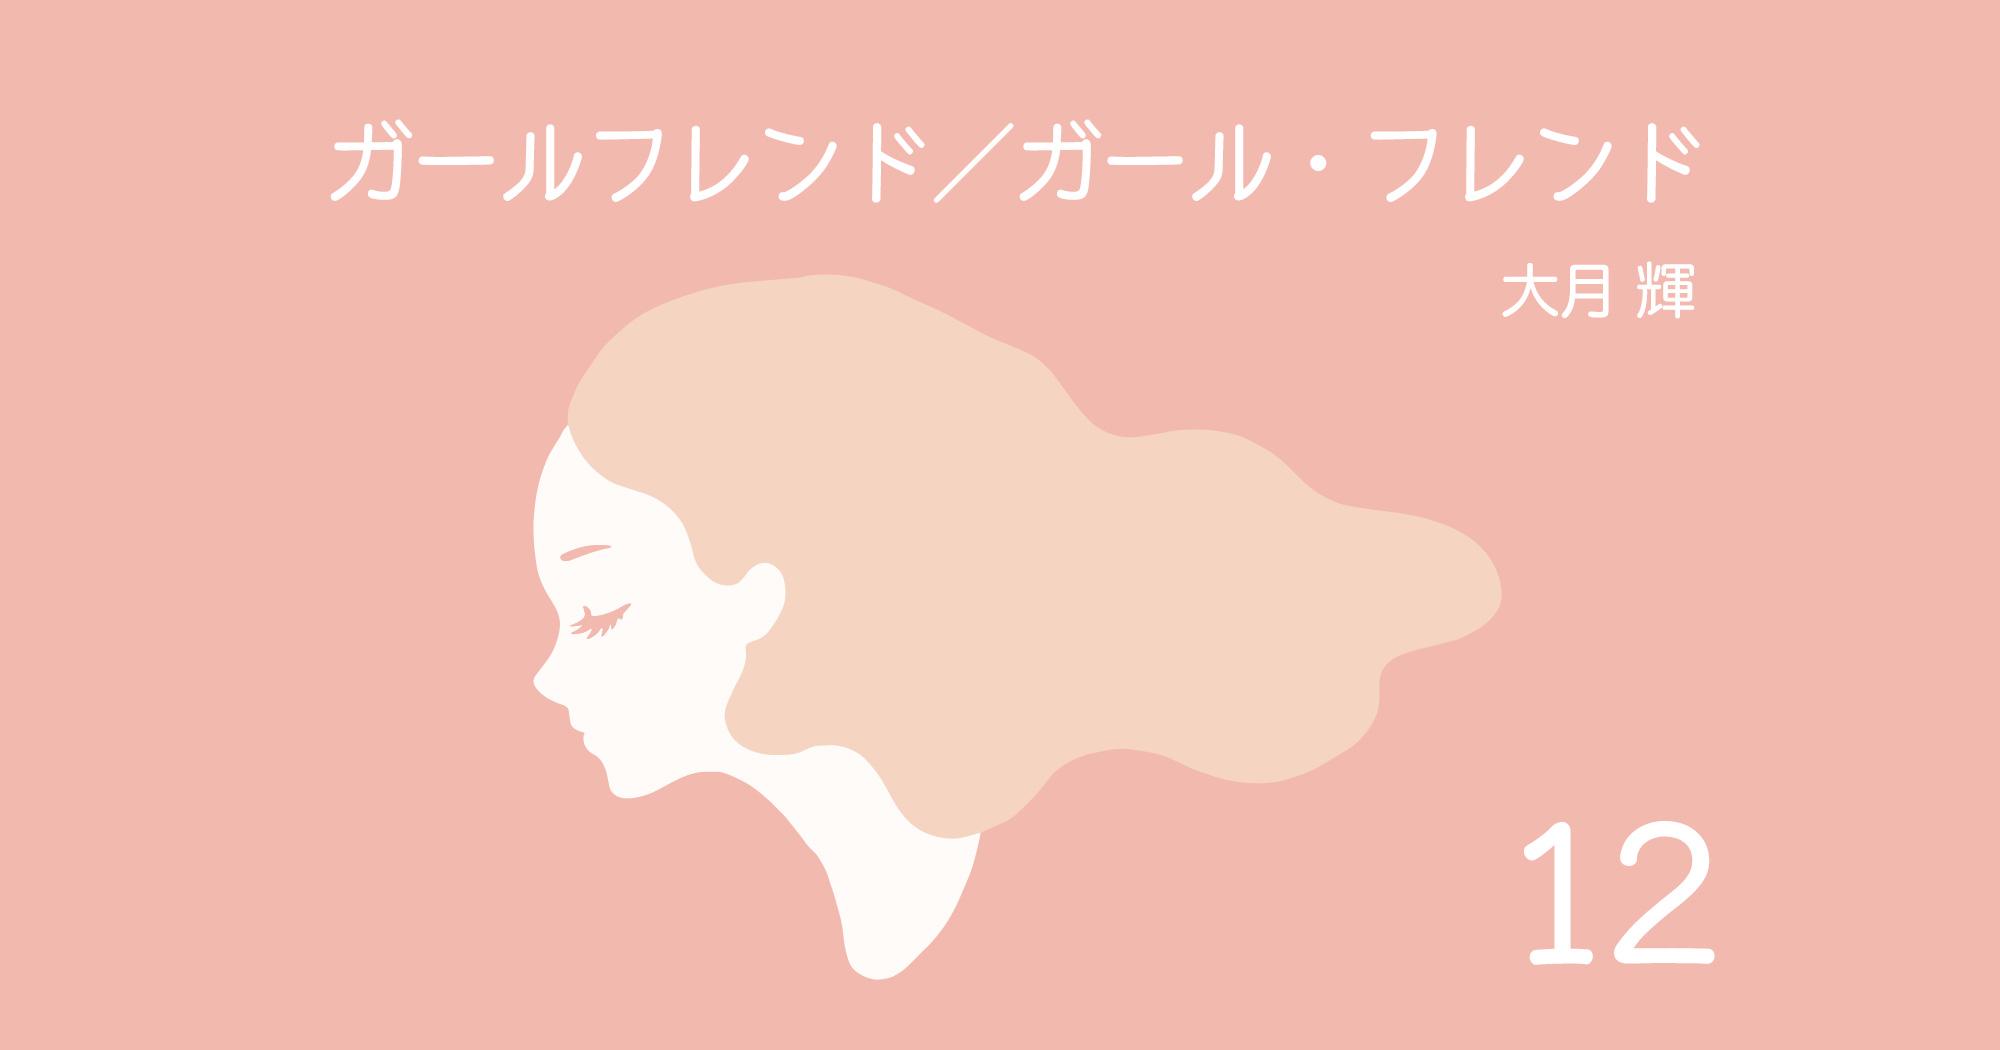 ガールフレンド/ガール・フレンド - 12